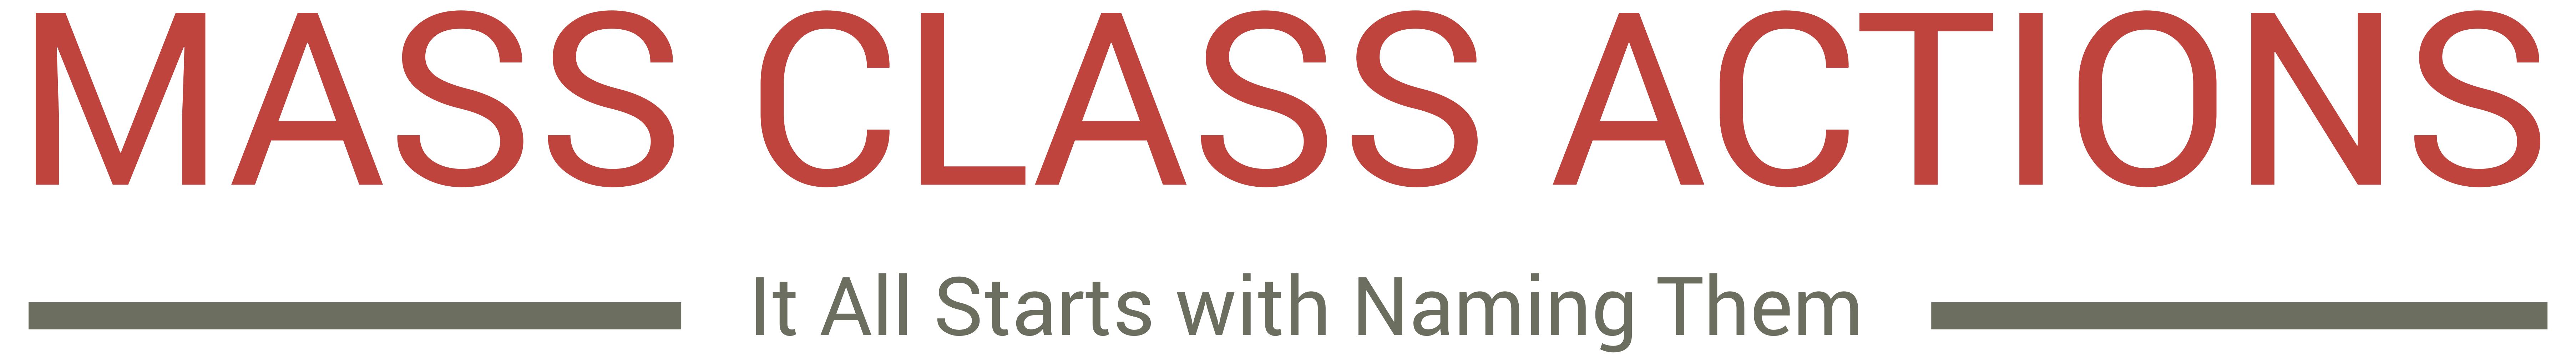 Mass Class Actions